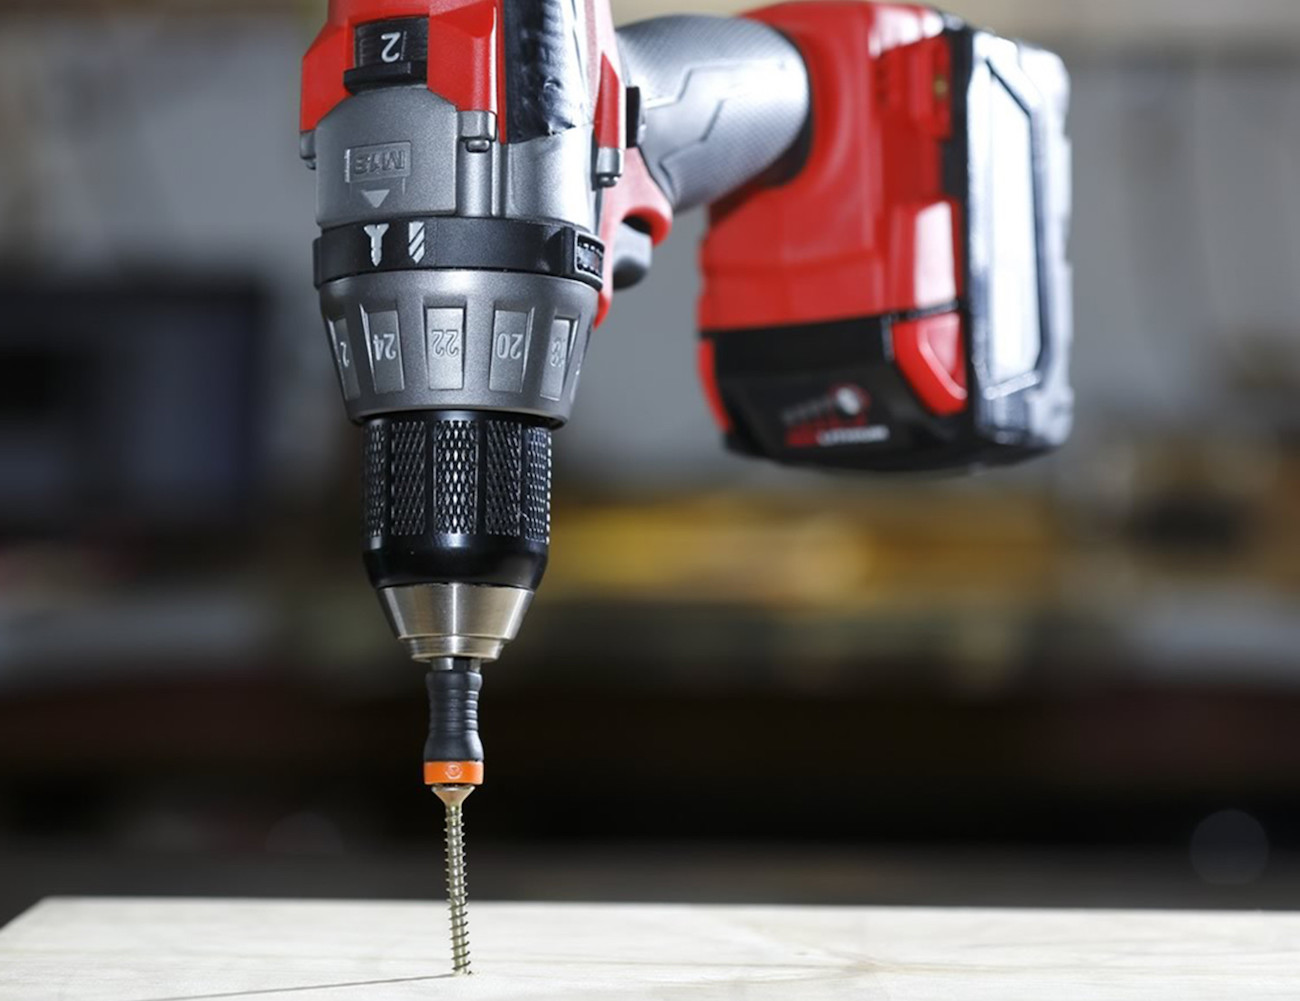 Blister B30 – Magnetic Screw Holder